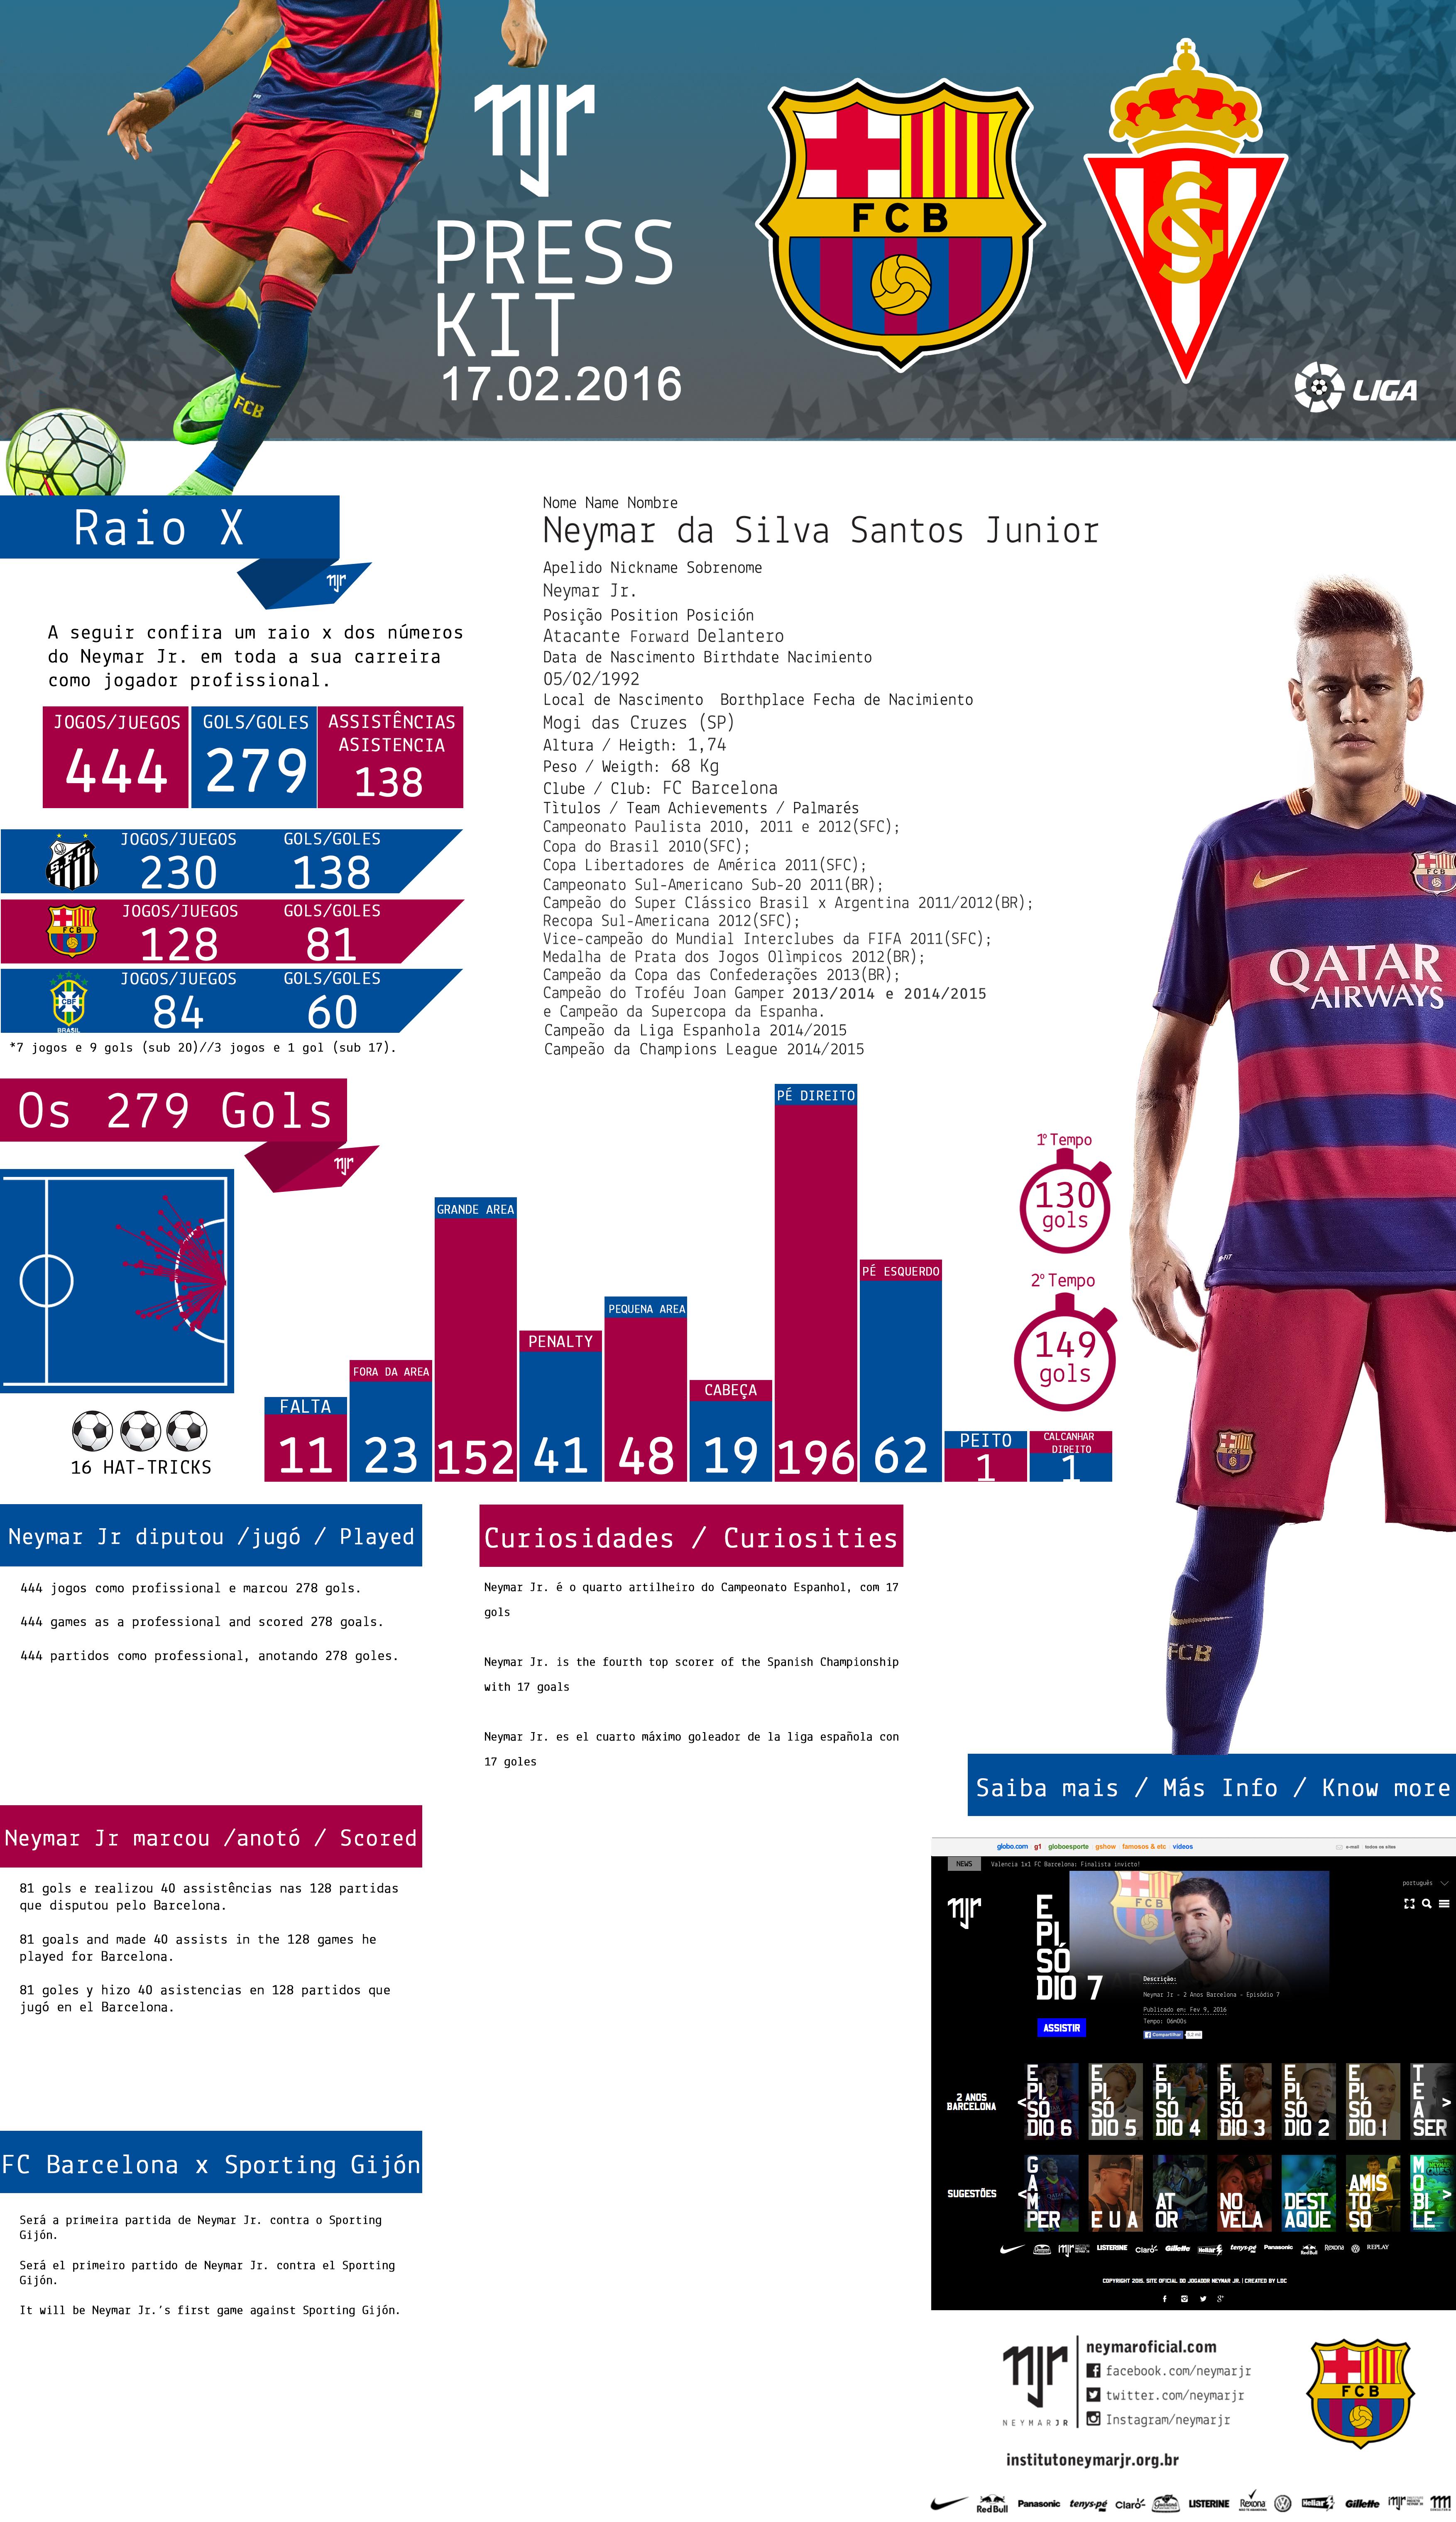 Press Kit - Neymar Jr - Sporting de Gijón x FC Barcelona - La Liga fdd48ca365a80